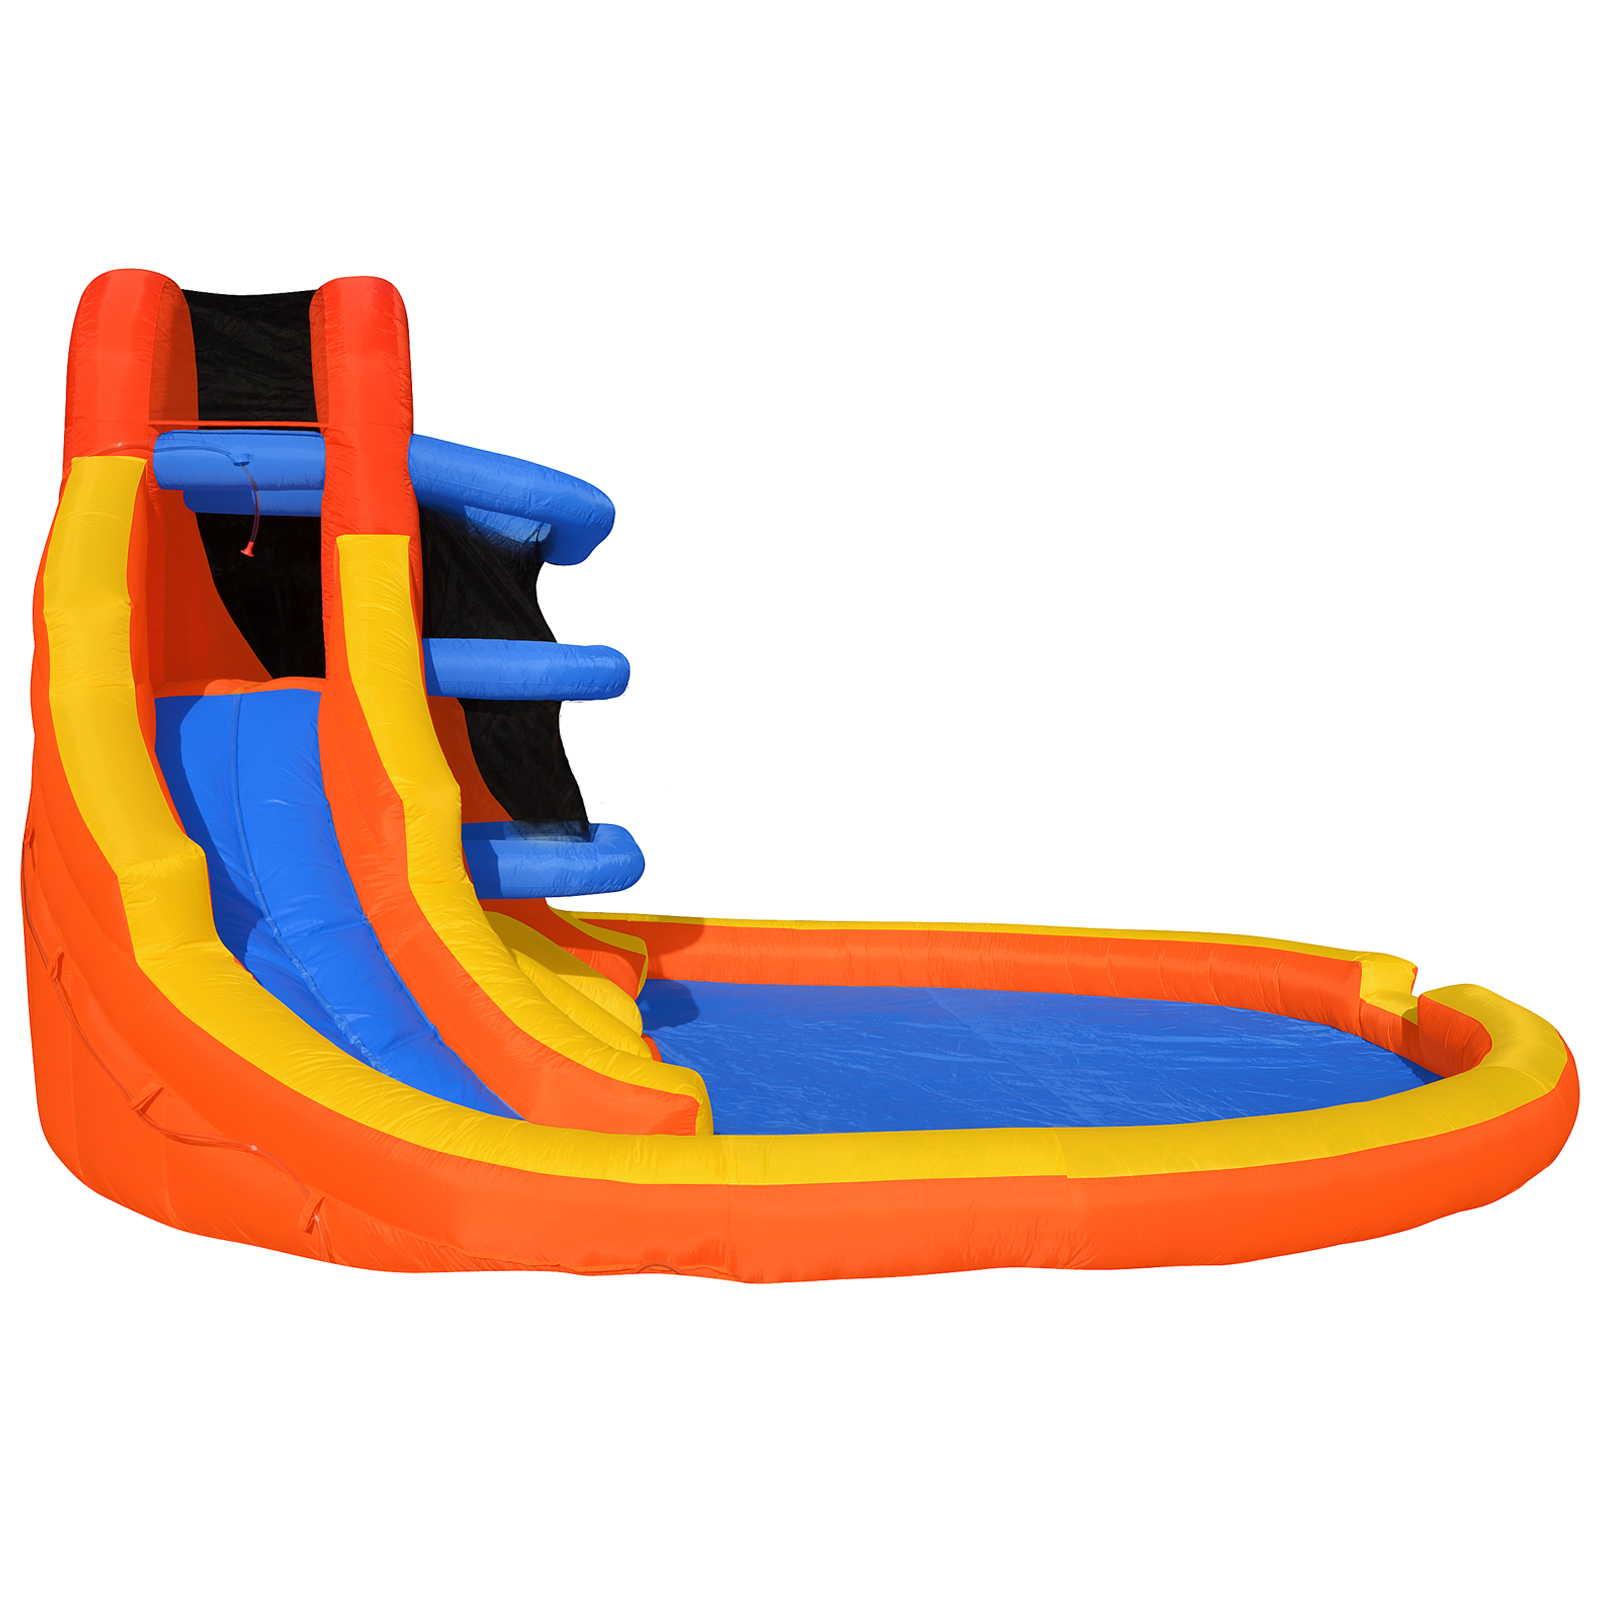 Inflatable Slide Blower: Water Slide & Pool